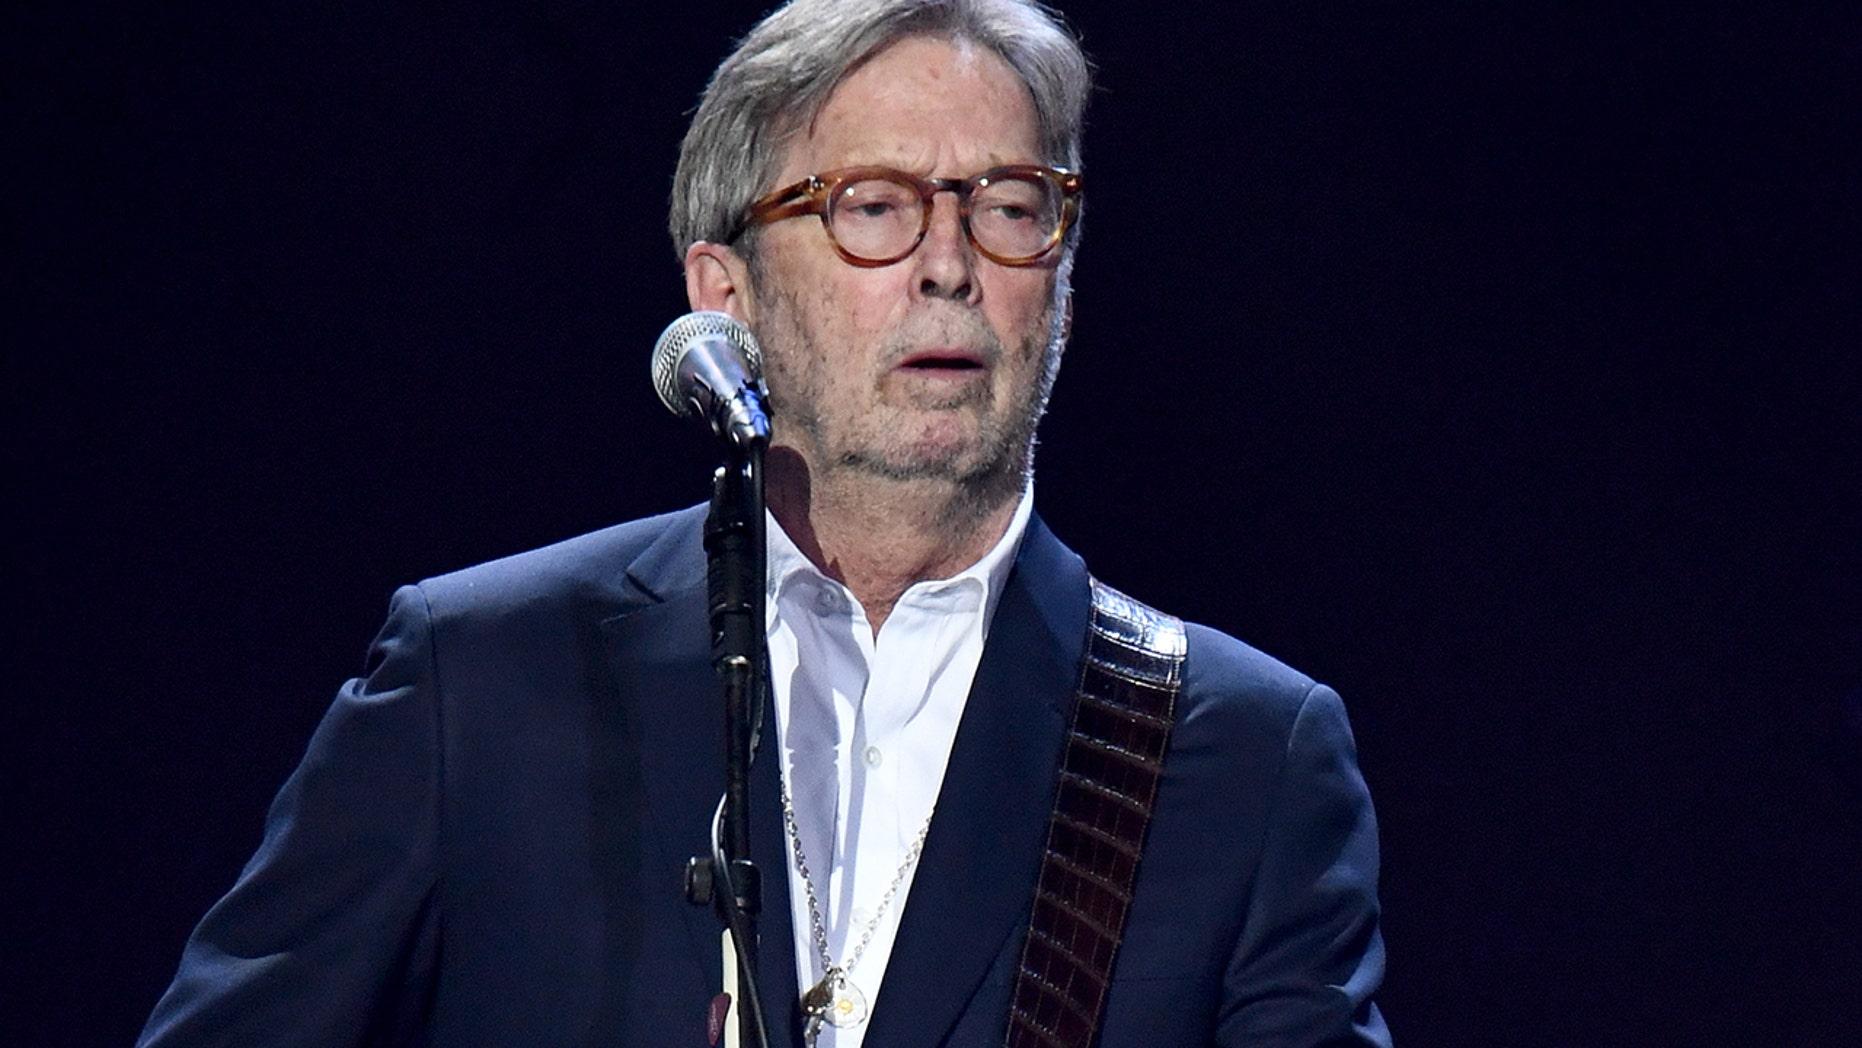 Eric Clapton zegt dat hij niet zal spelen op locaties waar een vaccin tegen het coronavirus vereist is